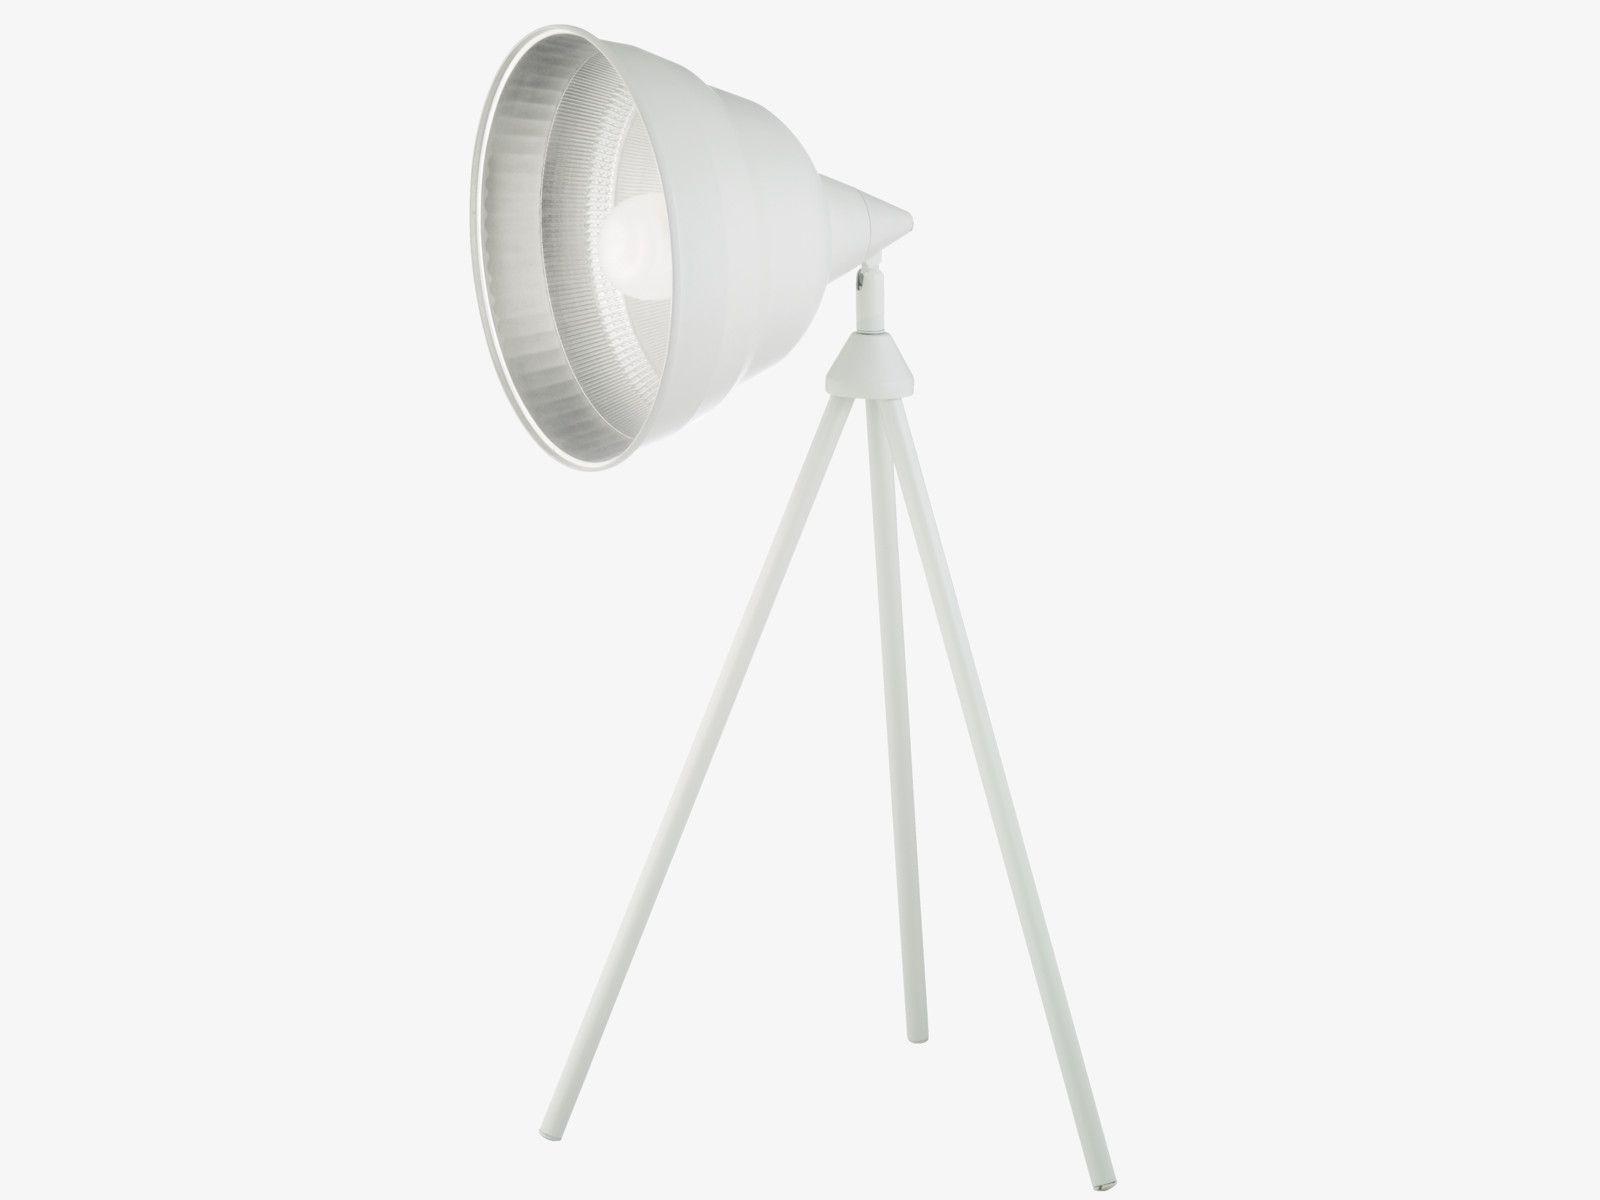 Lampe Habitat White Metal Desk Metal Desk Lamps Lamp